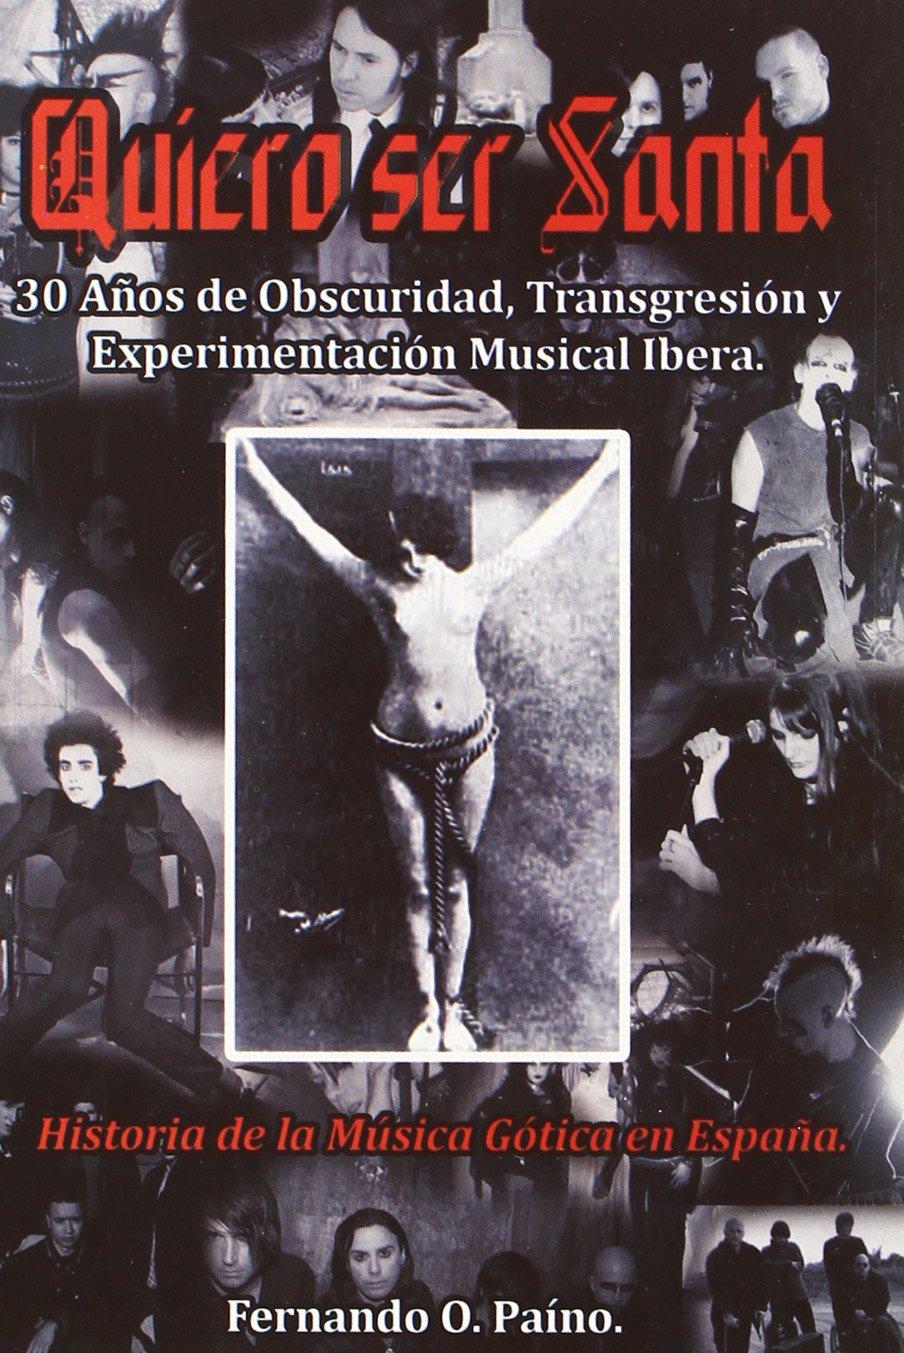 QUIERO SER SANTA HISTORIA MUSICA GOTICA EN ESPAÑA: Amazon.es: PAINO, FERNANDO O.: Libros